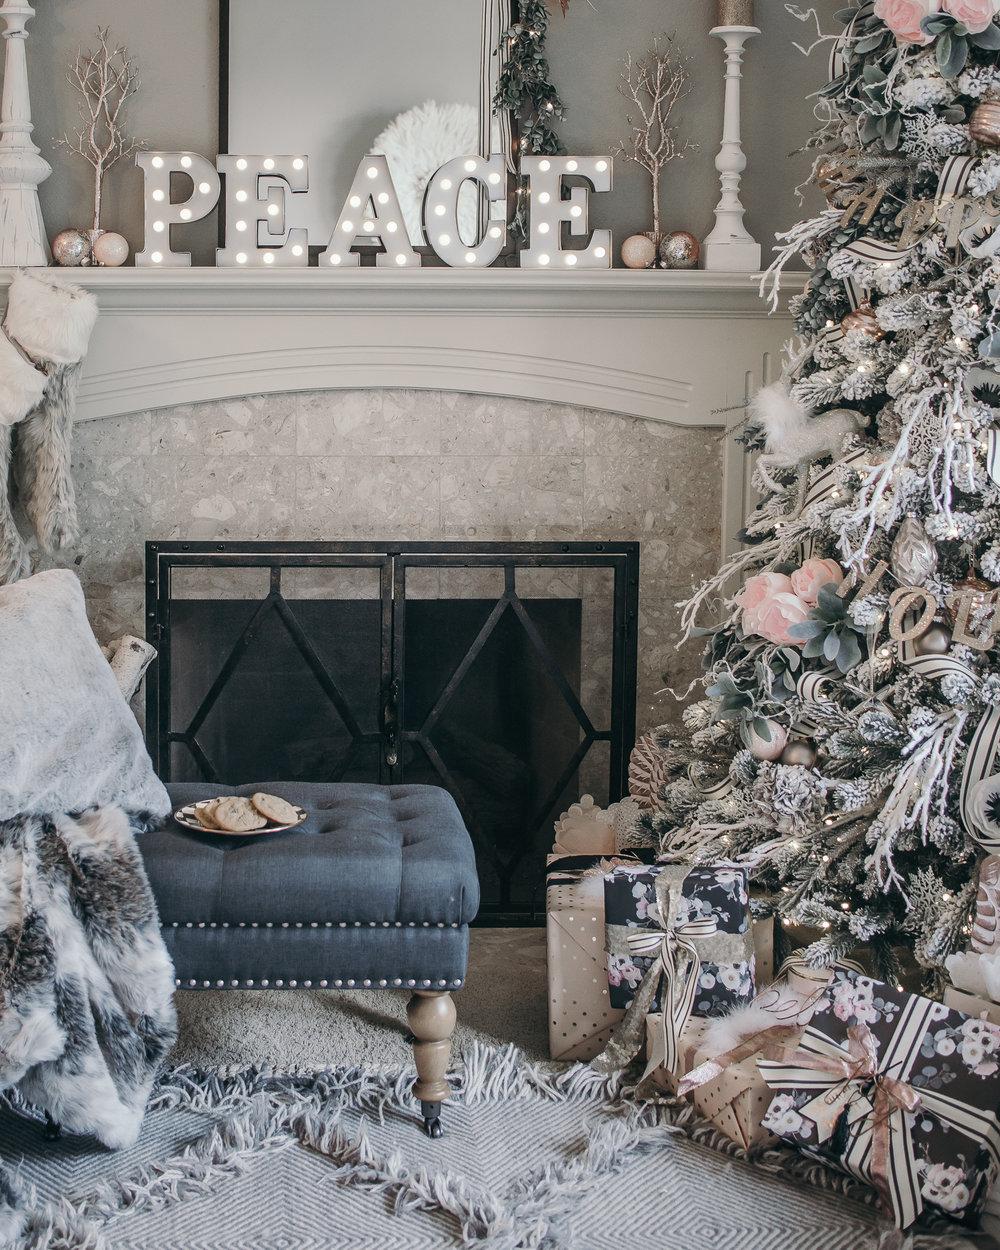 Pink and grey Christmas Home decor 2016